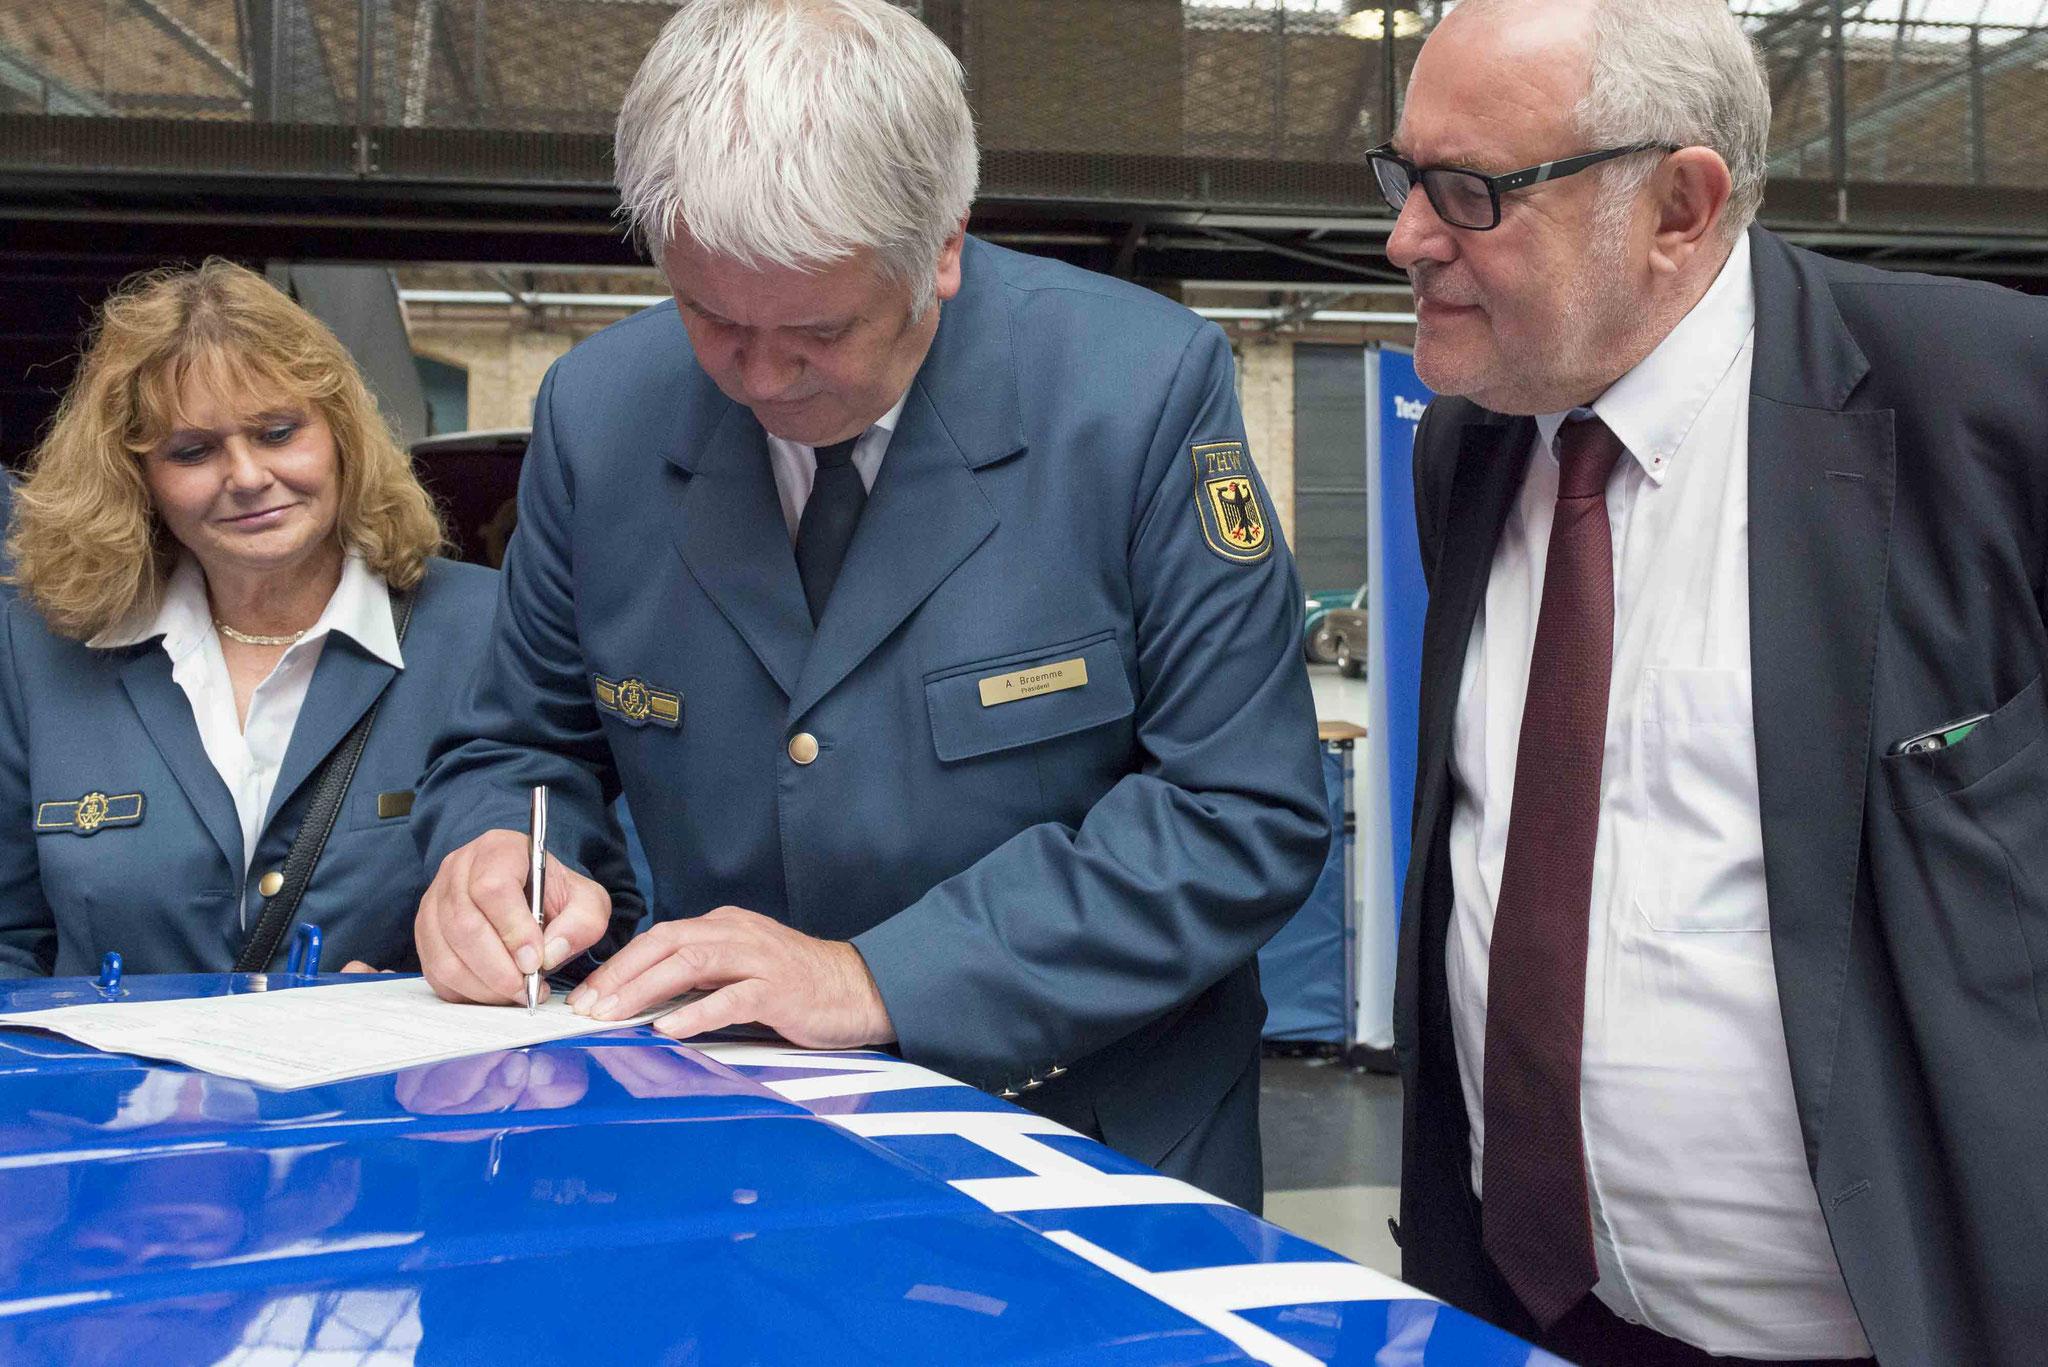 THW Präsident Albrecht Broemme unterstützt Sozialwerk durch Mitgliedschaft